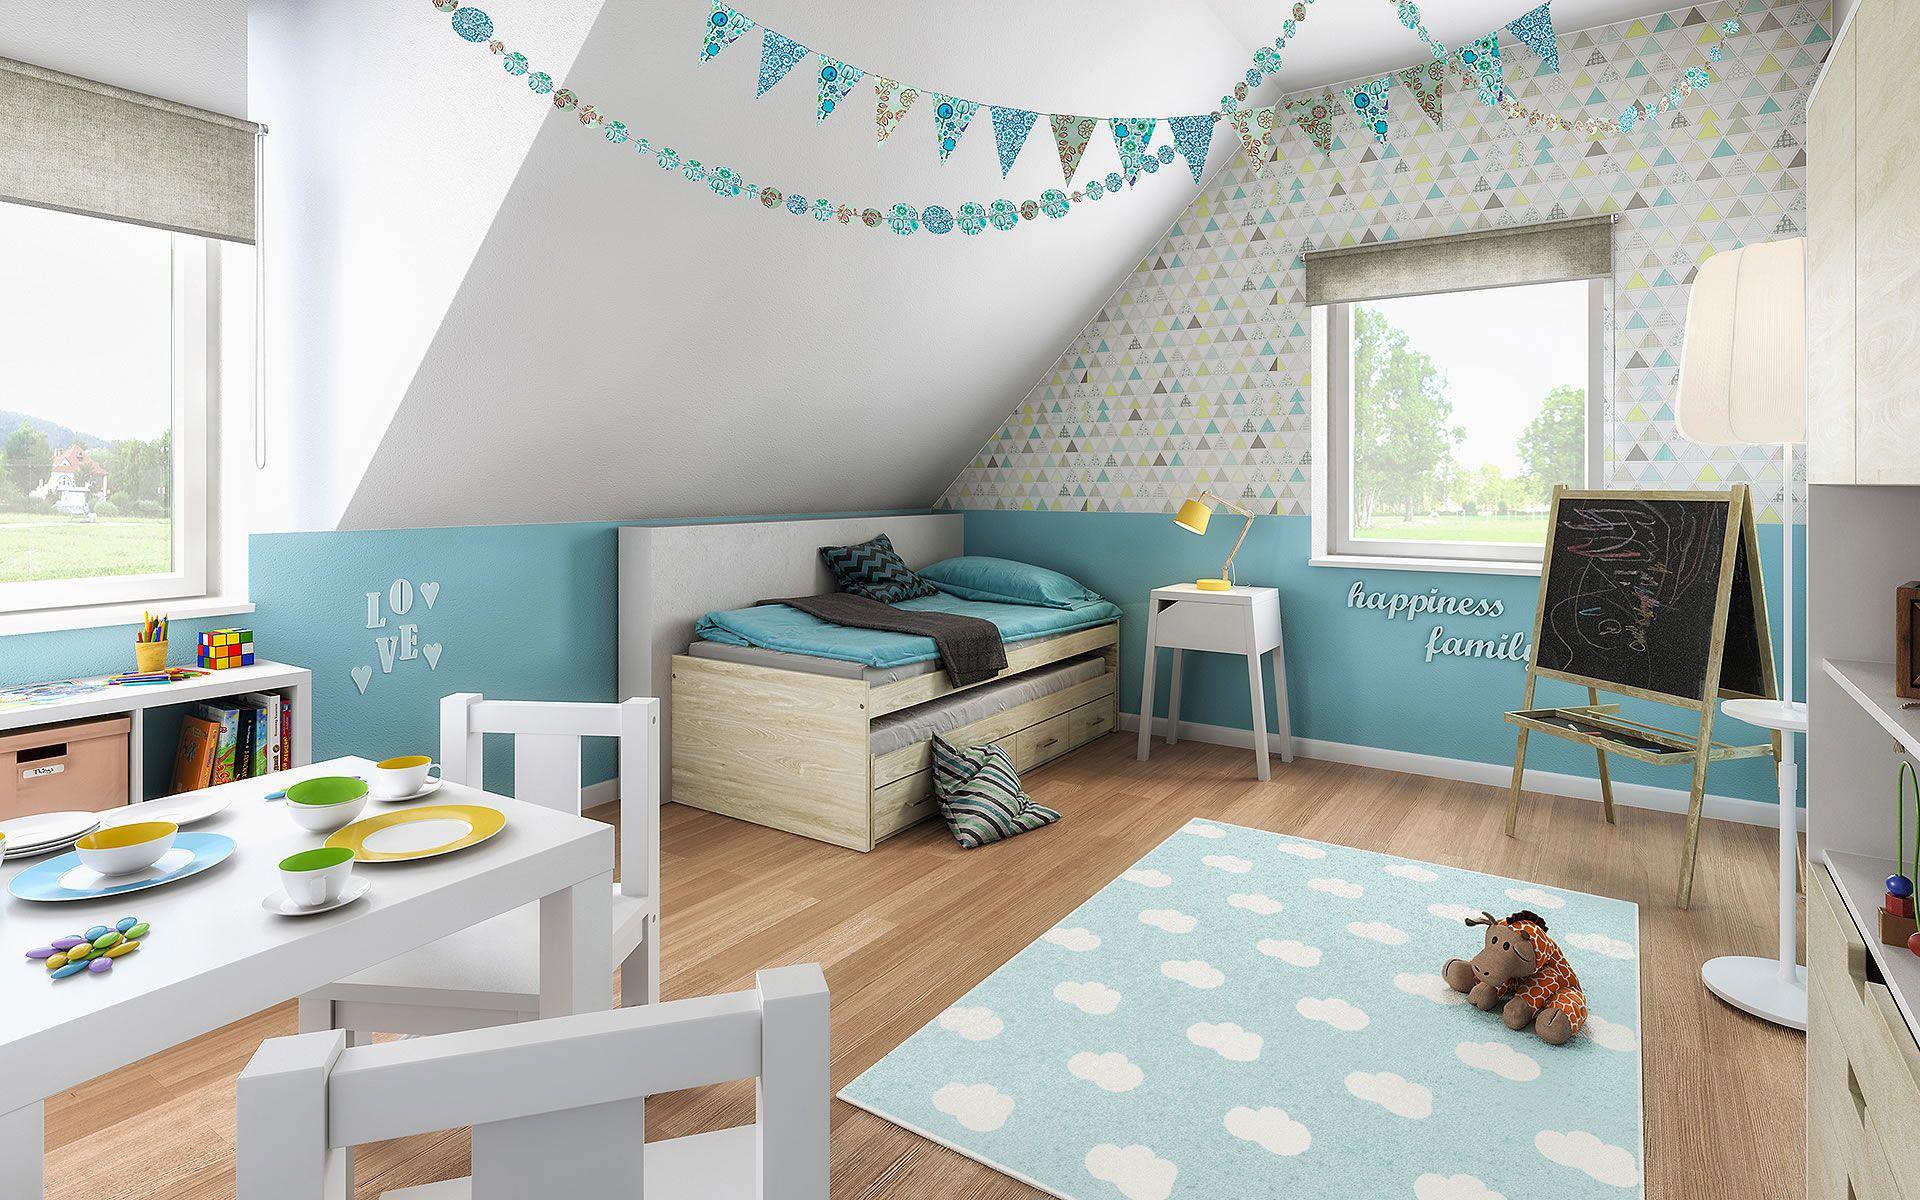 Musterhaus Fertighaus Flair 125 Von Town Country Haus Lizenzgeber Gmbh Kinderzimmer Tapete Bett Unter Dachschräge Kinder Zimmer